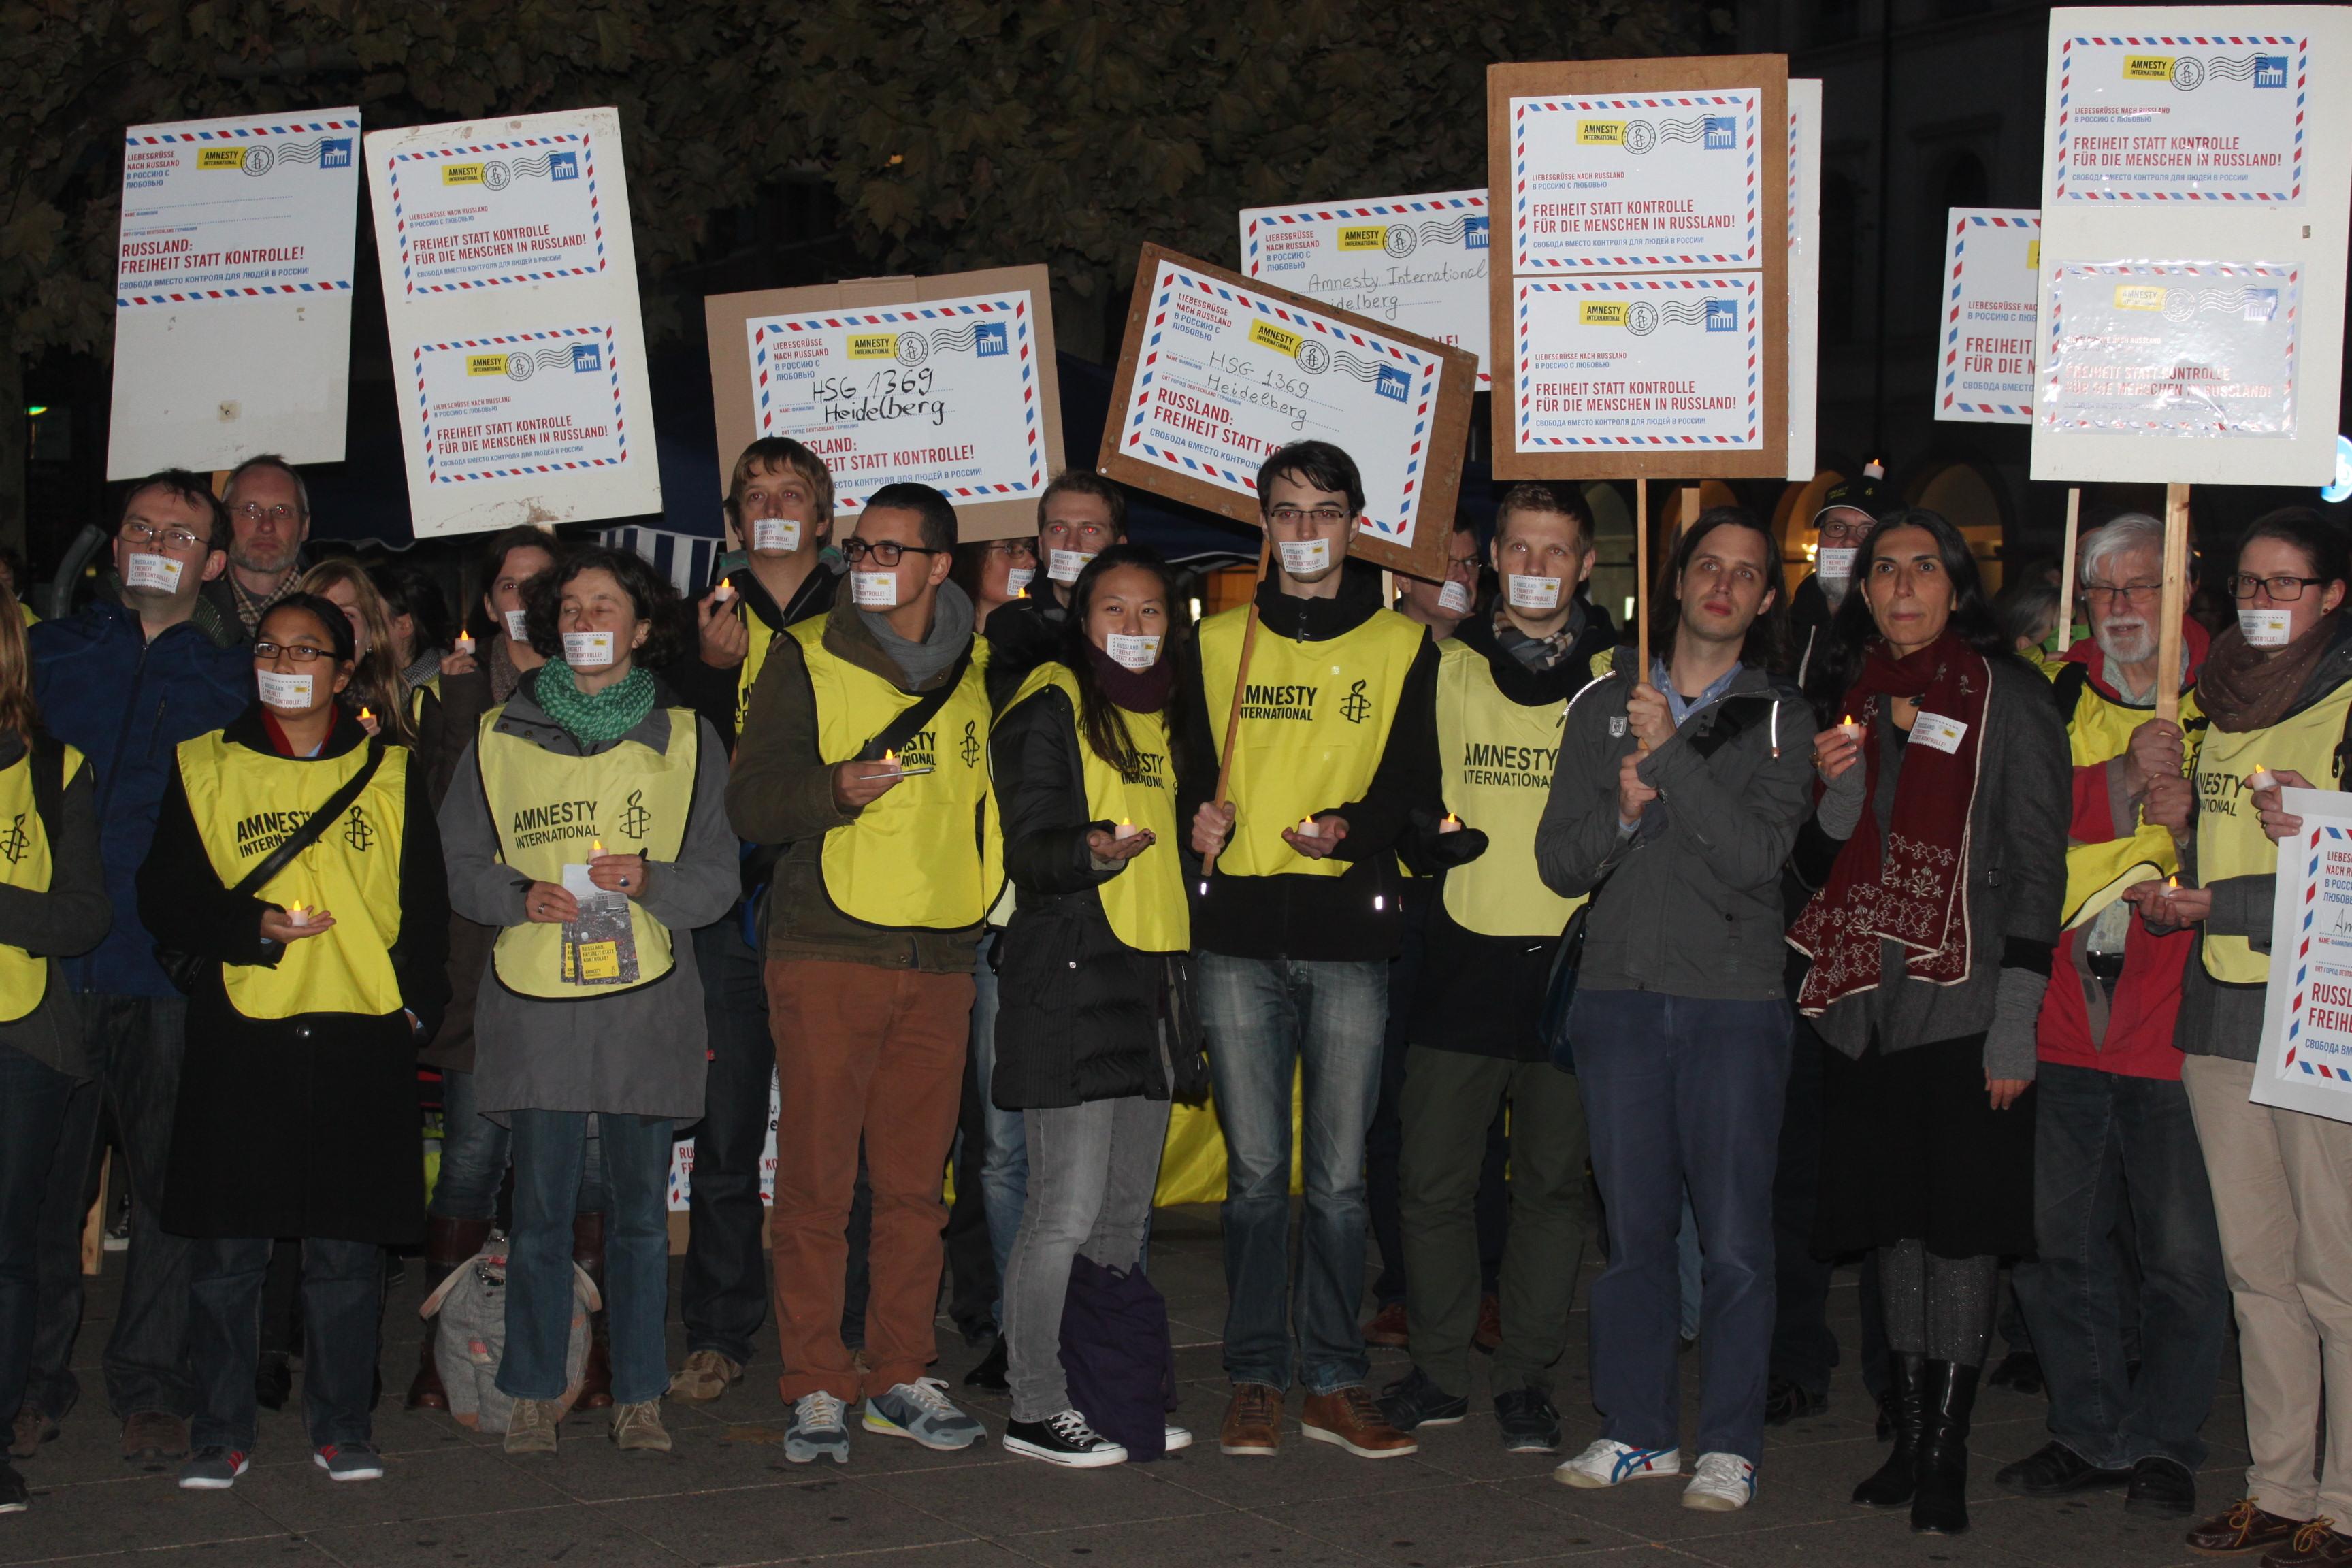 Die Hochschulgruppe Amnesty International demonstriert auf dem Bismarckplatz gegen Verstöße am Menschenrecht in Russland. Foto: Johanna Mitzschke